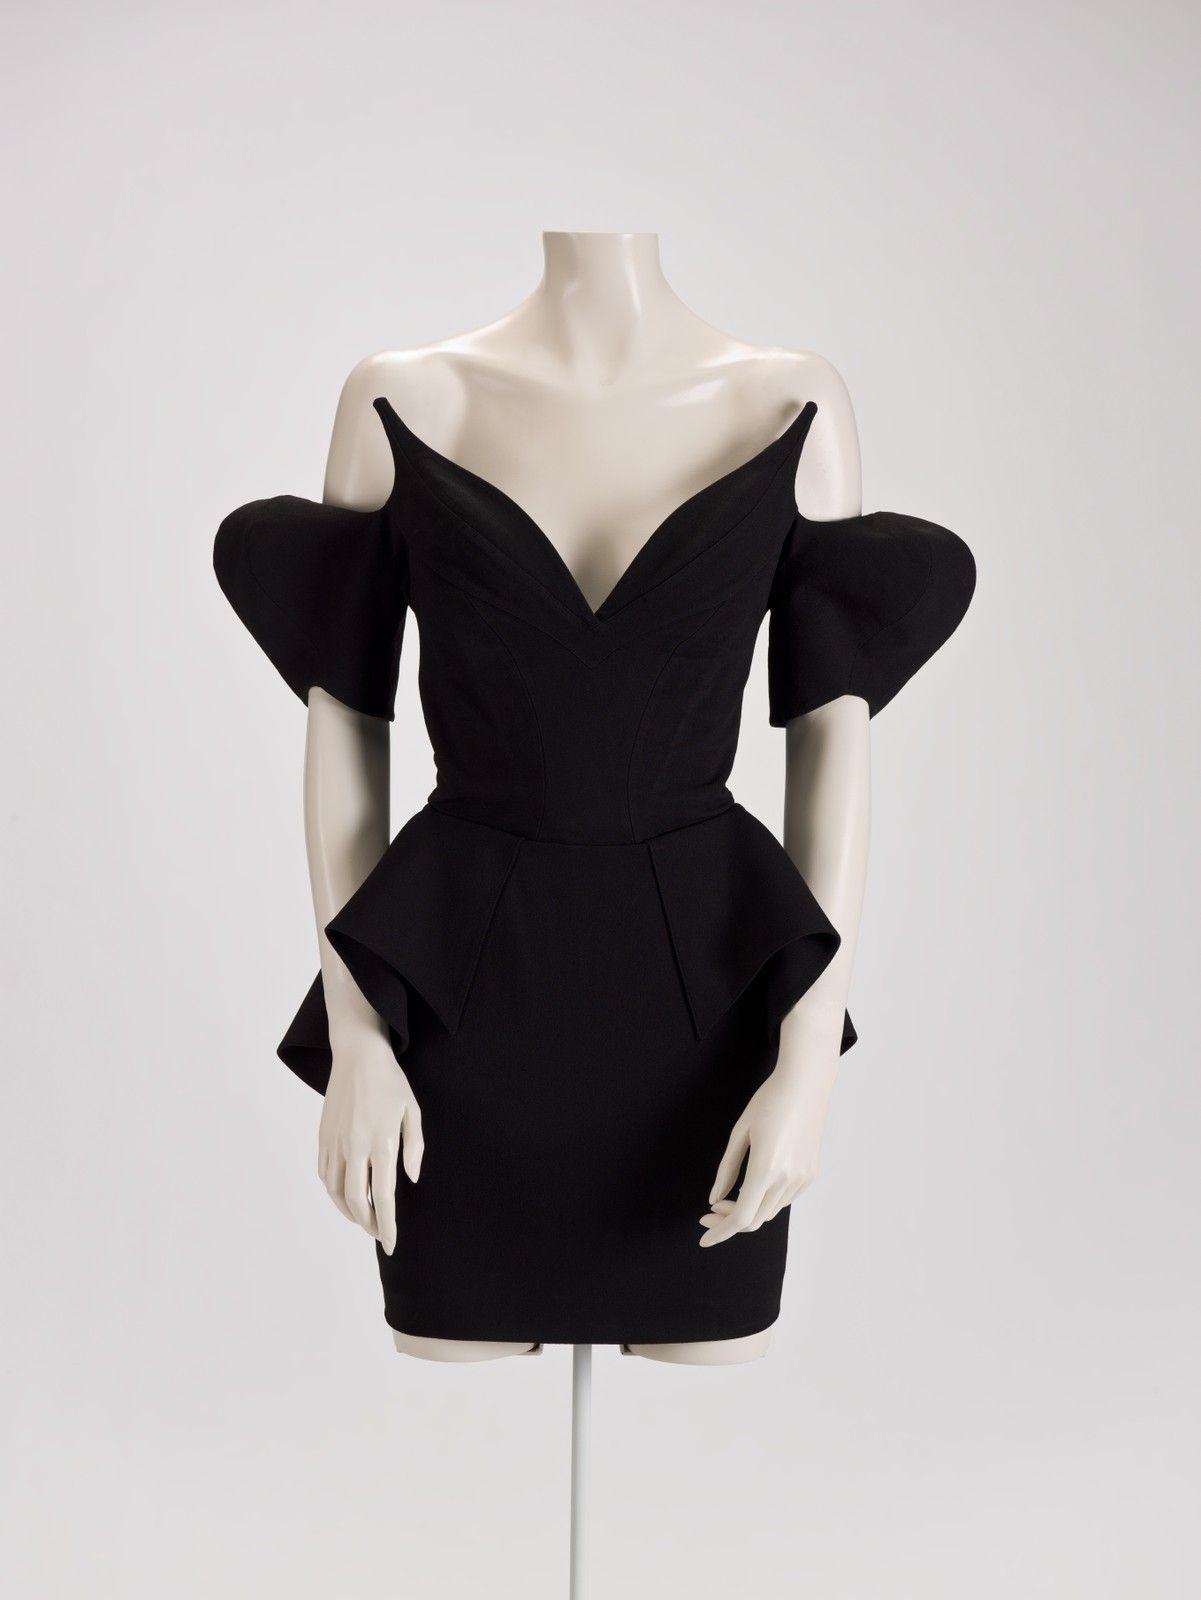 40+ Thierry mugler dress ideas